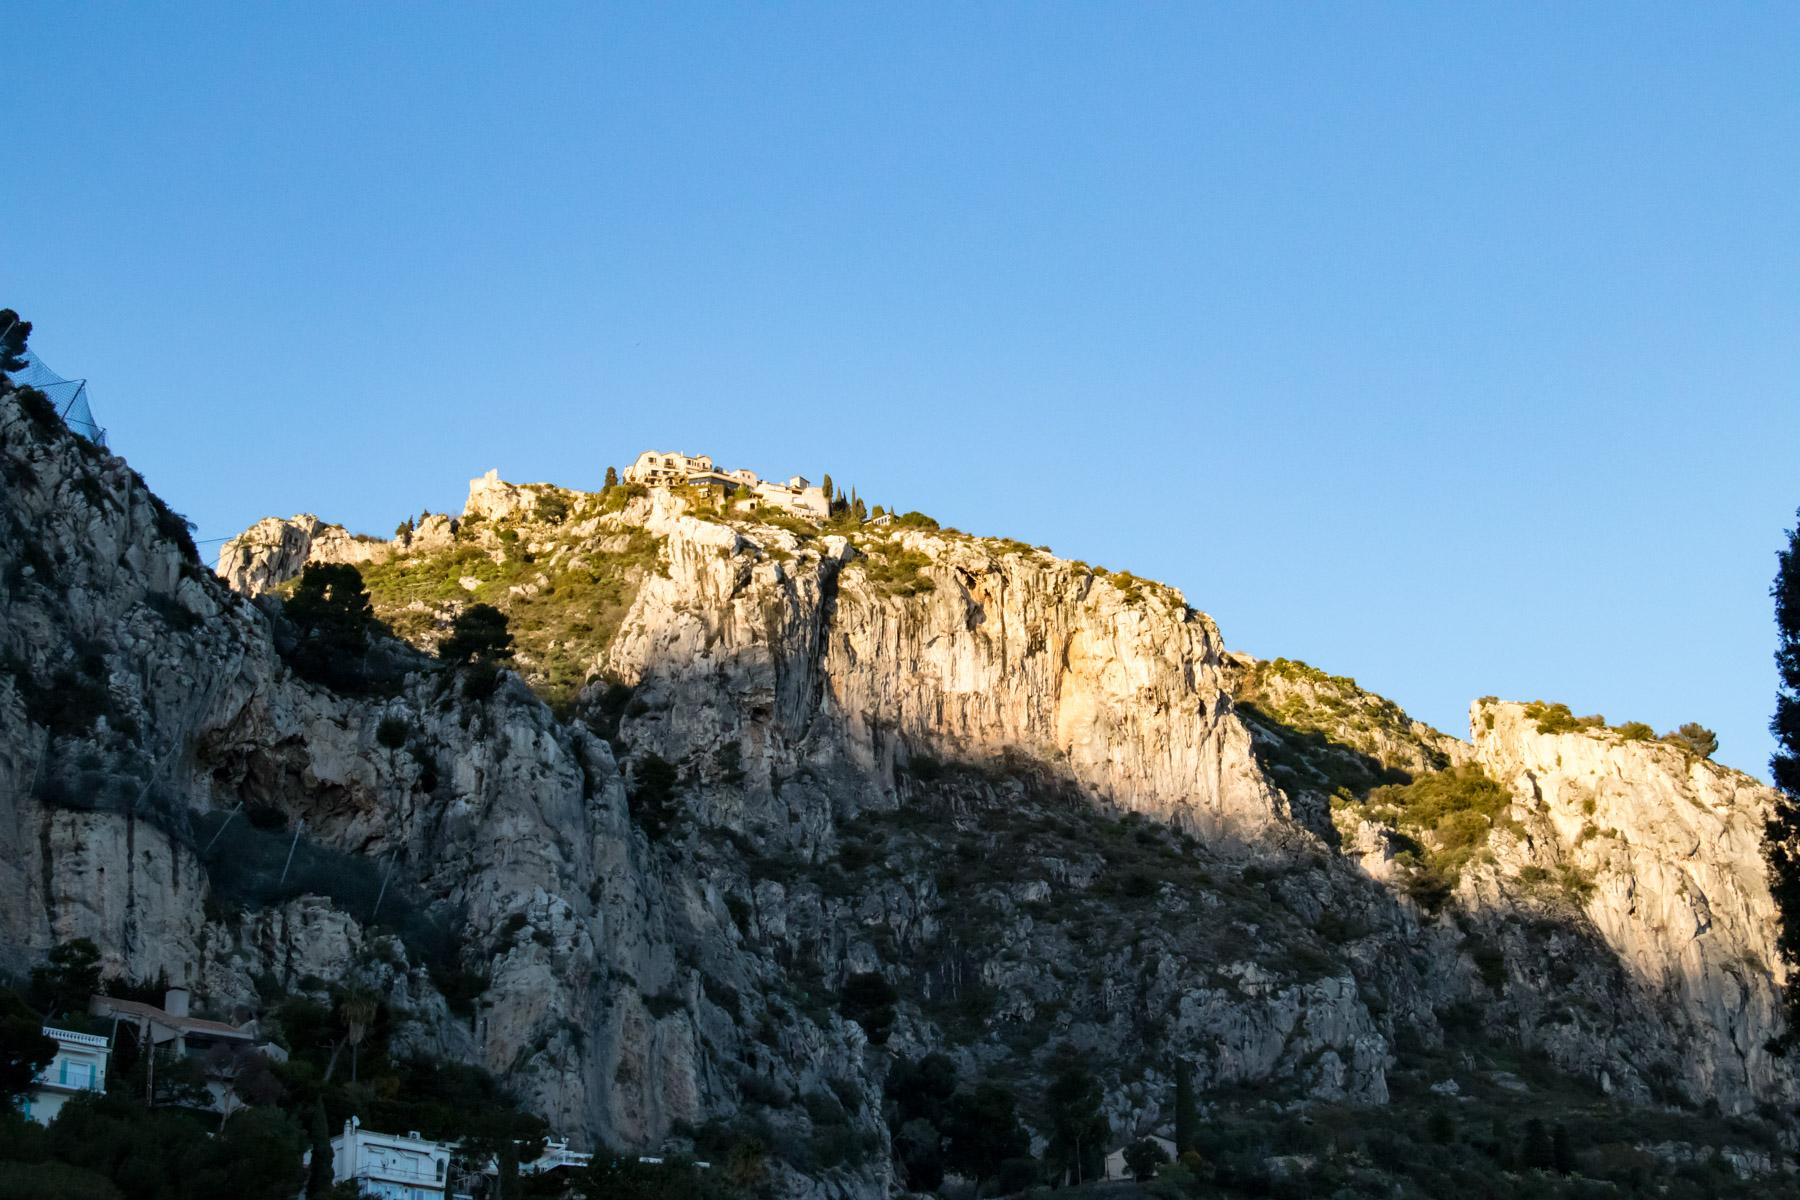 Weer beneden aangekomen zien we Èze hoog boven de rotsen liggen in de avondzon.